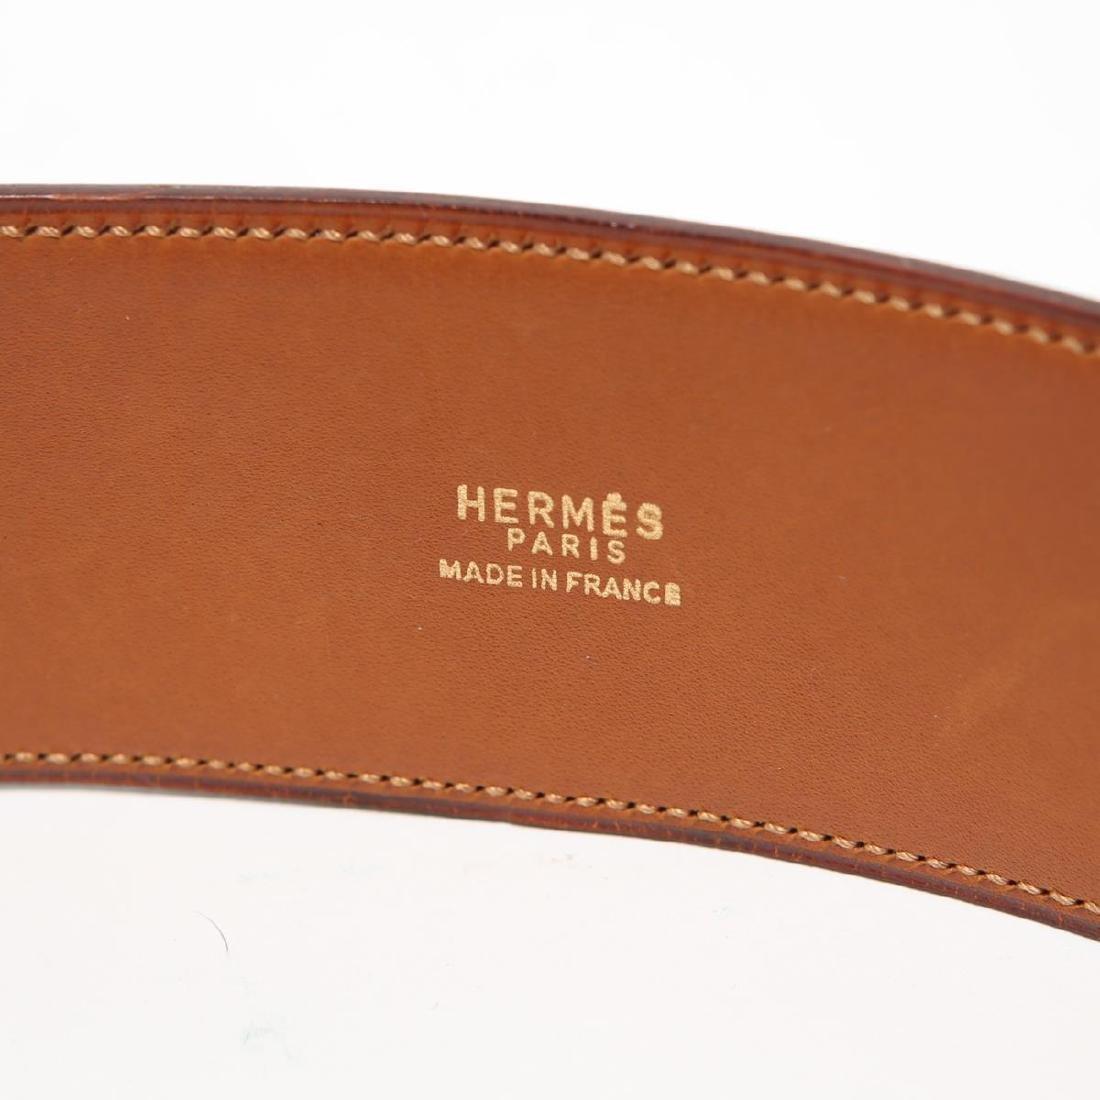 Hermes Collier De Chien Lady's Belt, Black Leather - 3